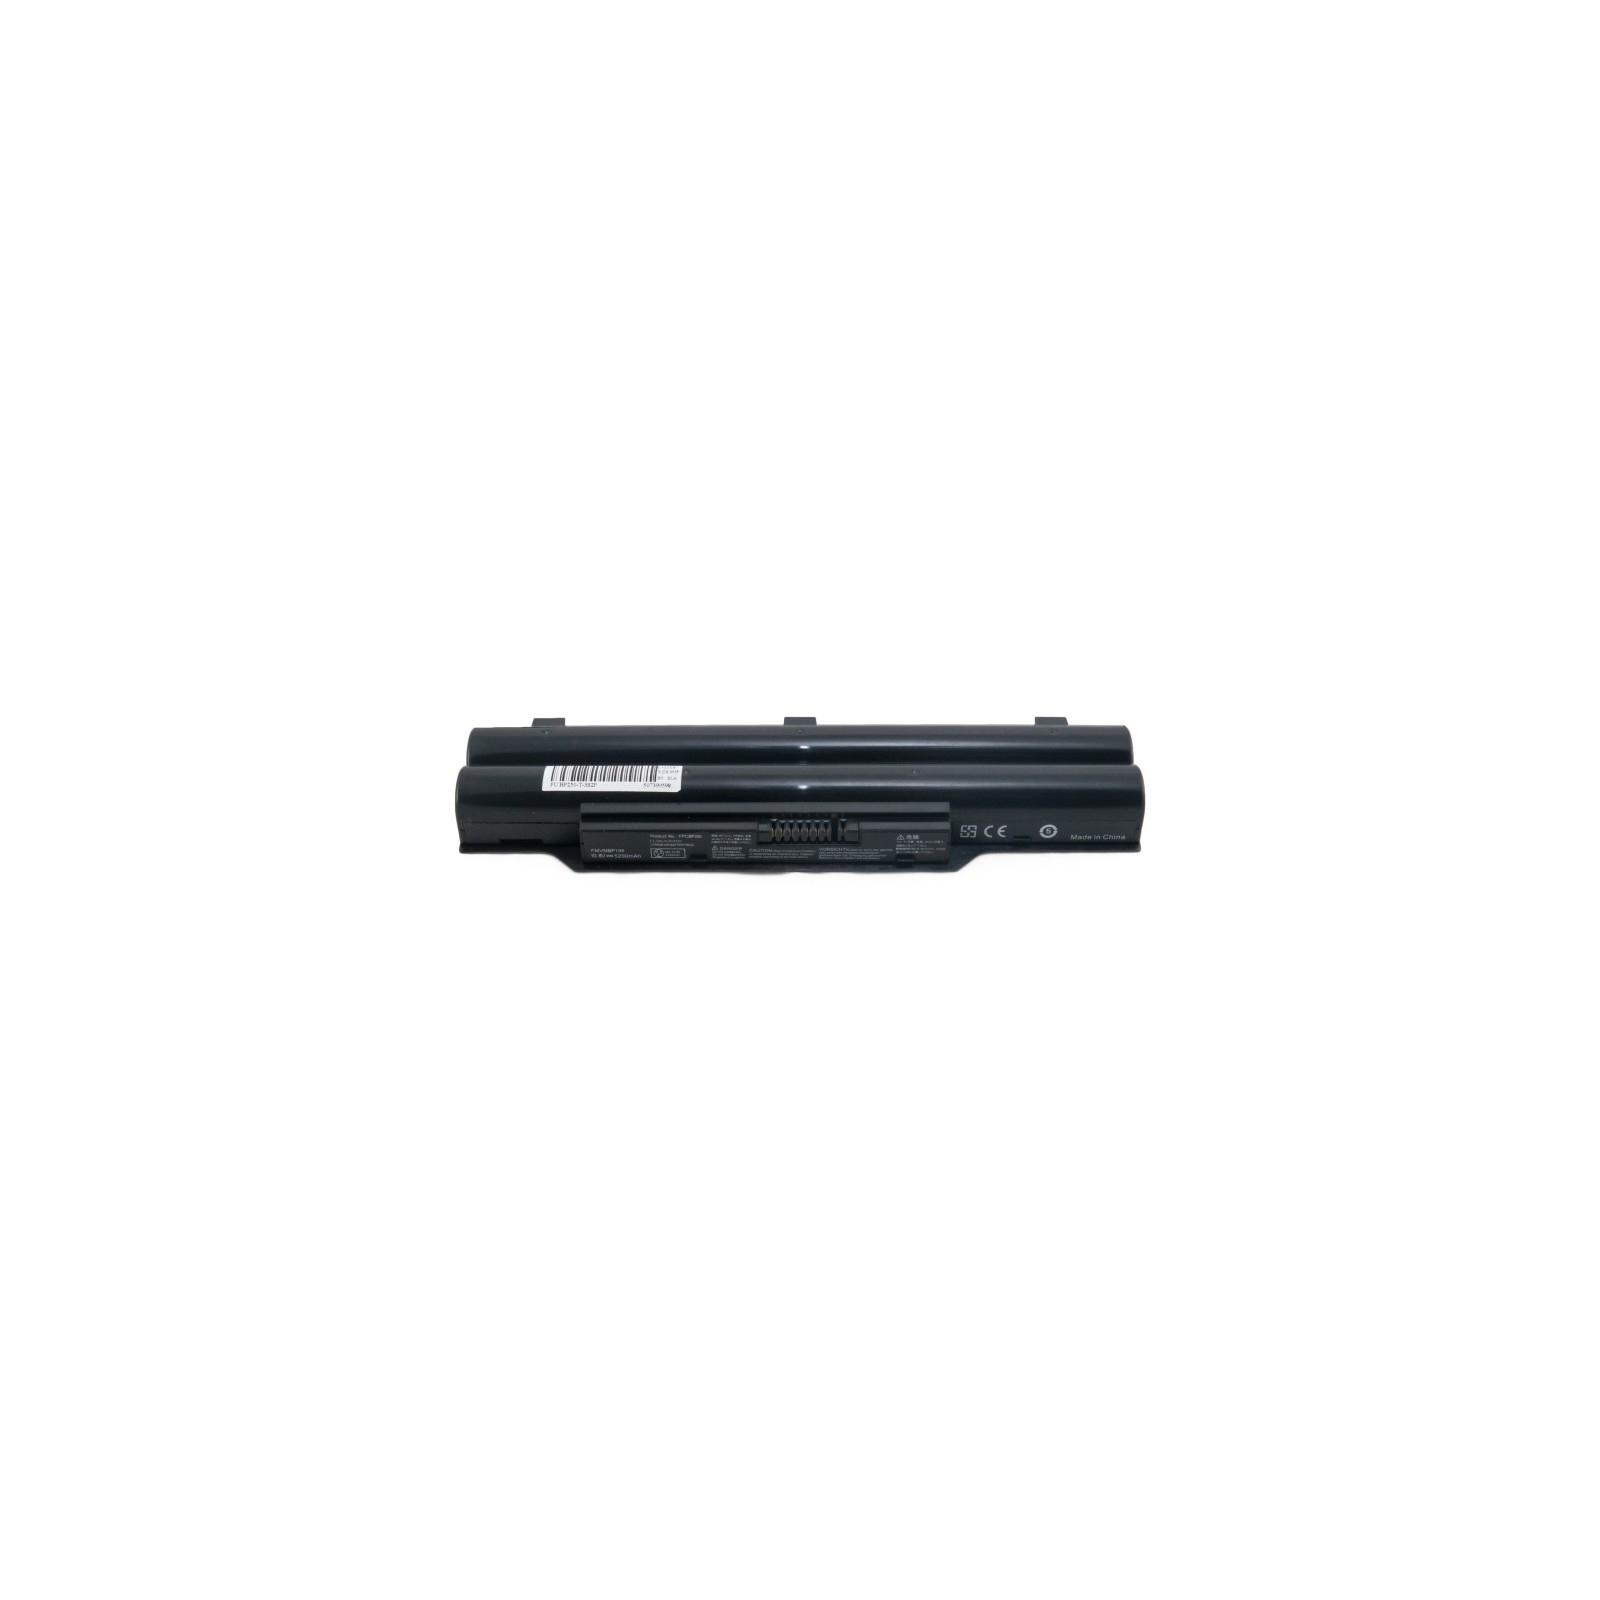 Аккумулятор для ноутбука Fujitsu LifeBook (FPCBP250) 5200 mAh, 56 Wh Extradigital (BNF3965) изображение 3